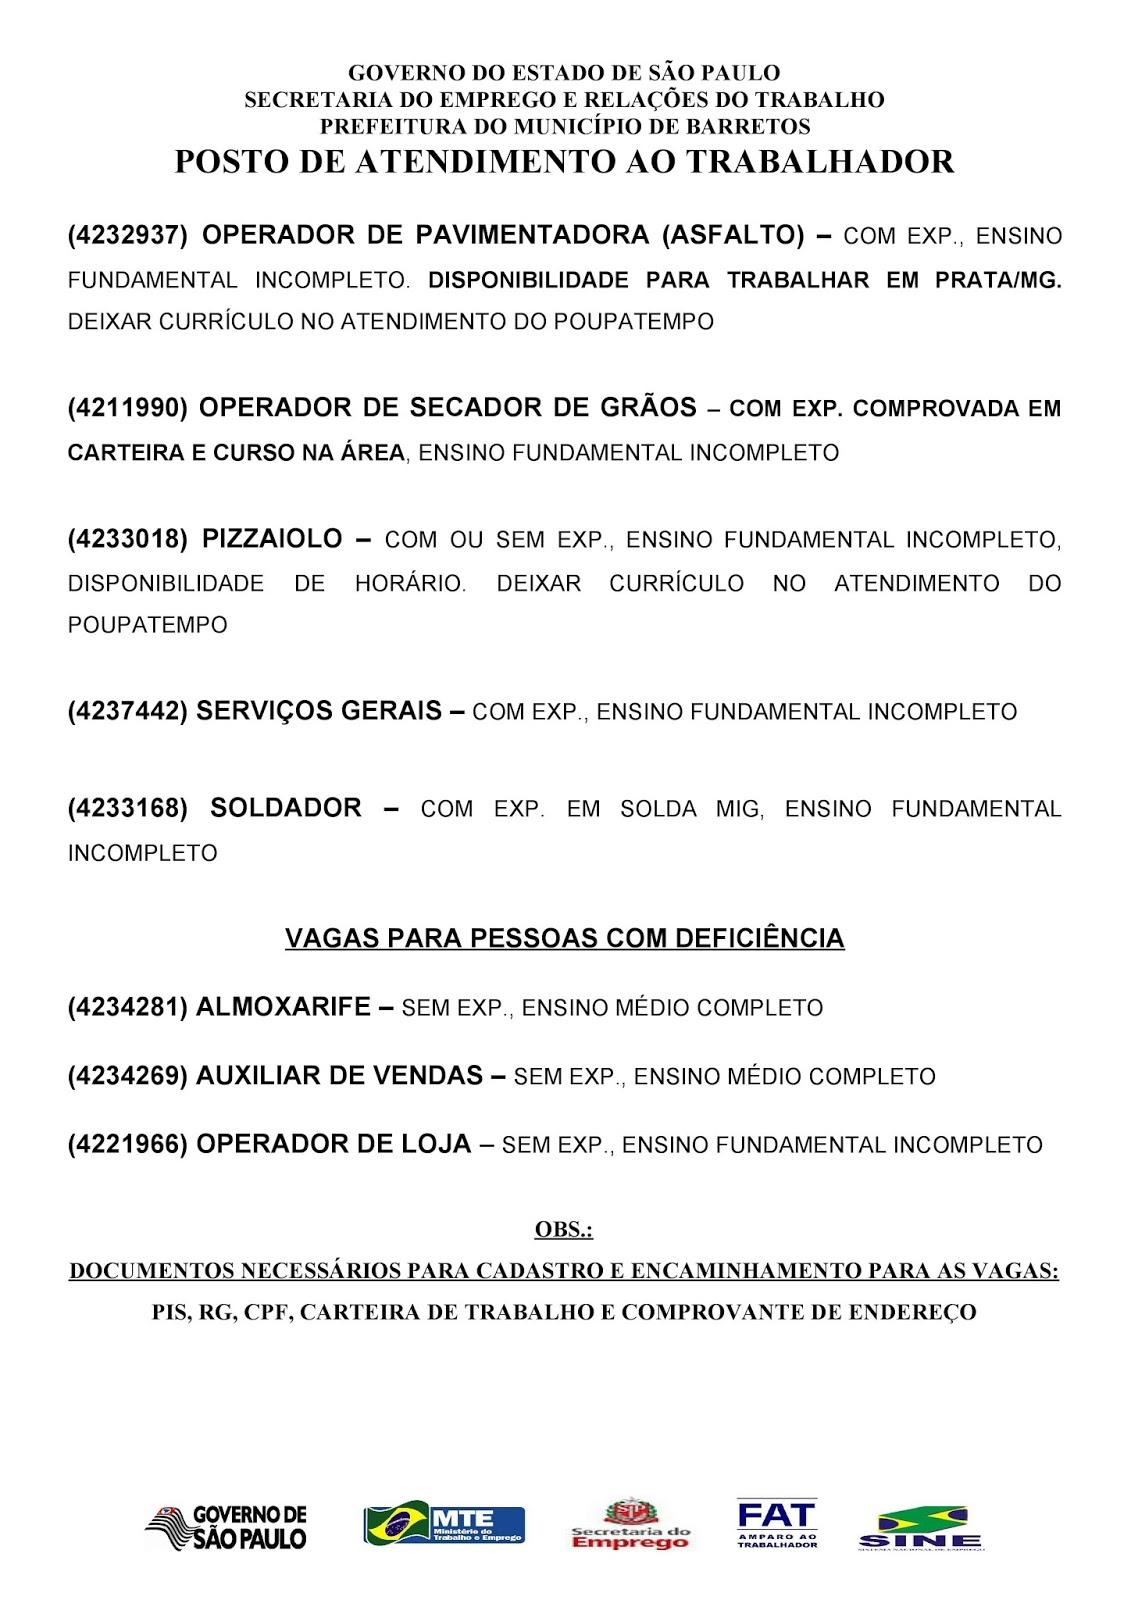 VAGAS DE EMPREGO DO PAT BARRETOS-SP PARA 21/09/2017 QUINTA-FEIRA - Pag. 3